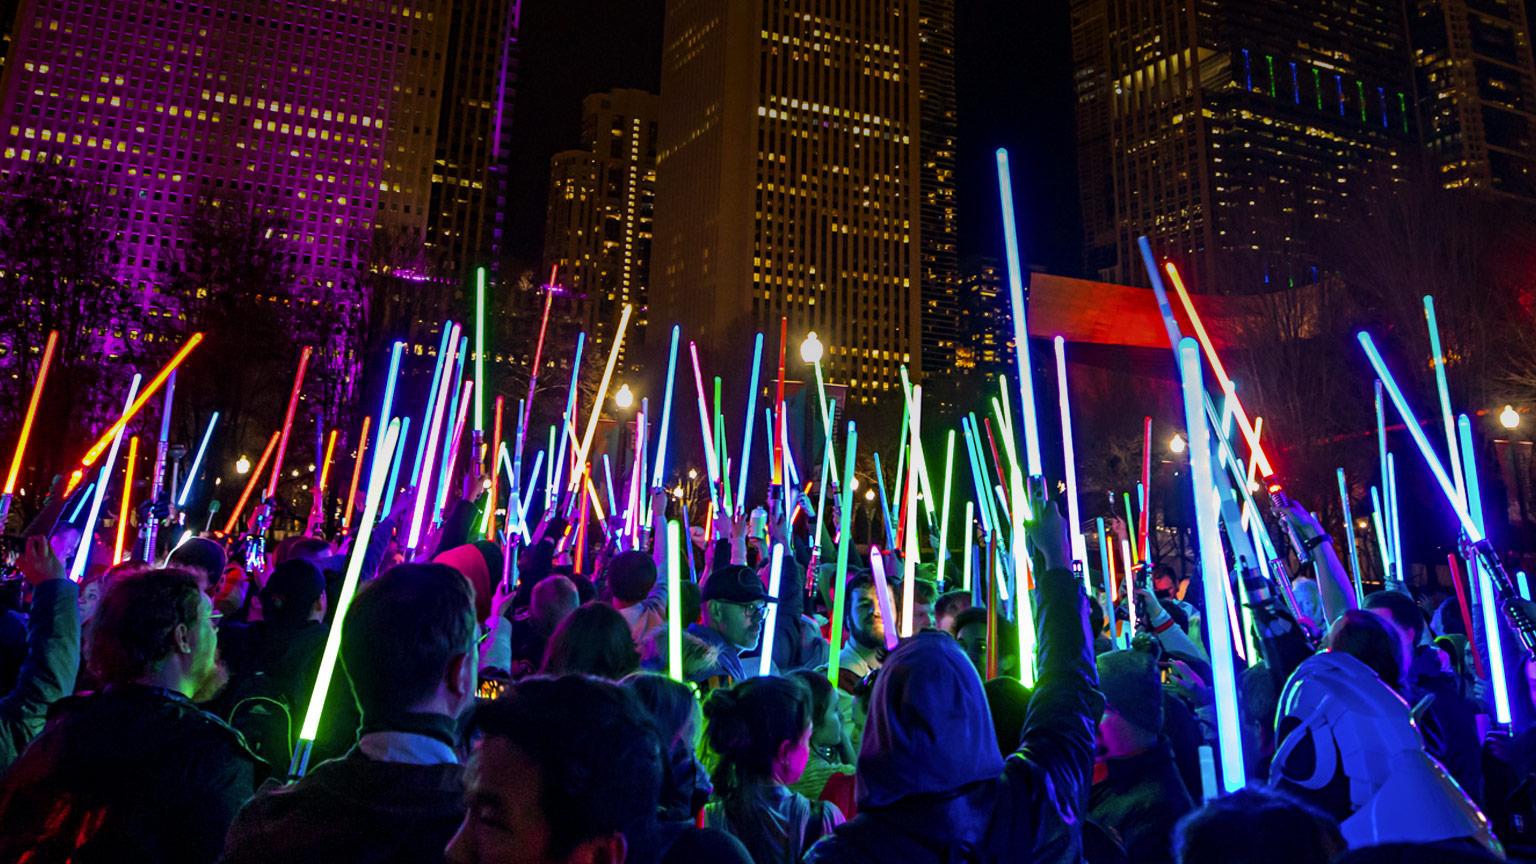 star-wars-celebration-tall-A